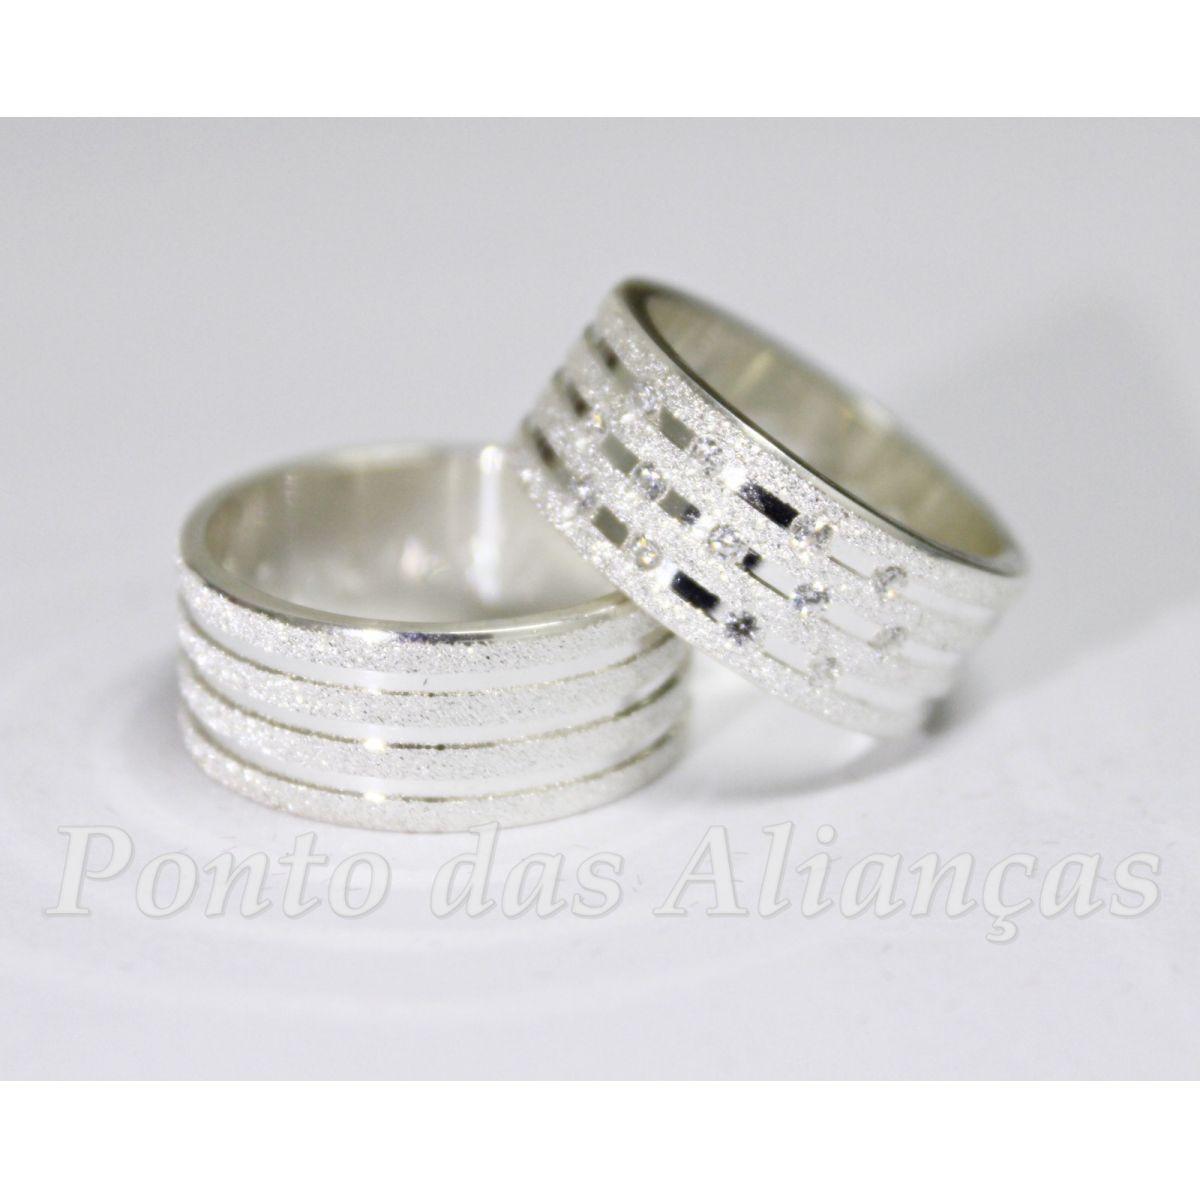 Alianças de Prata Compromisso - 3047